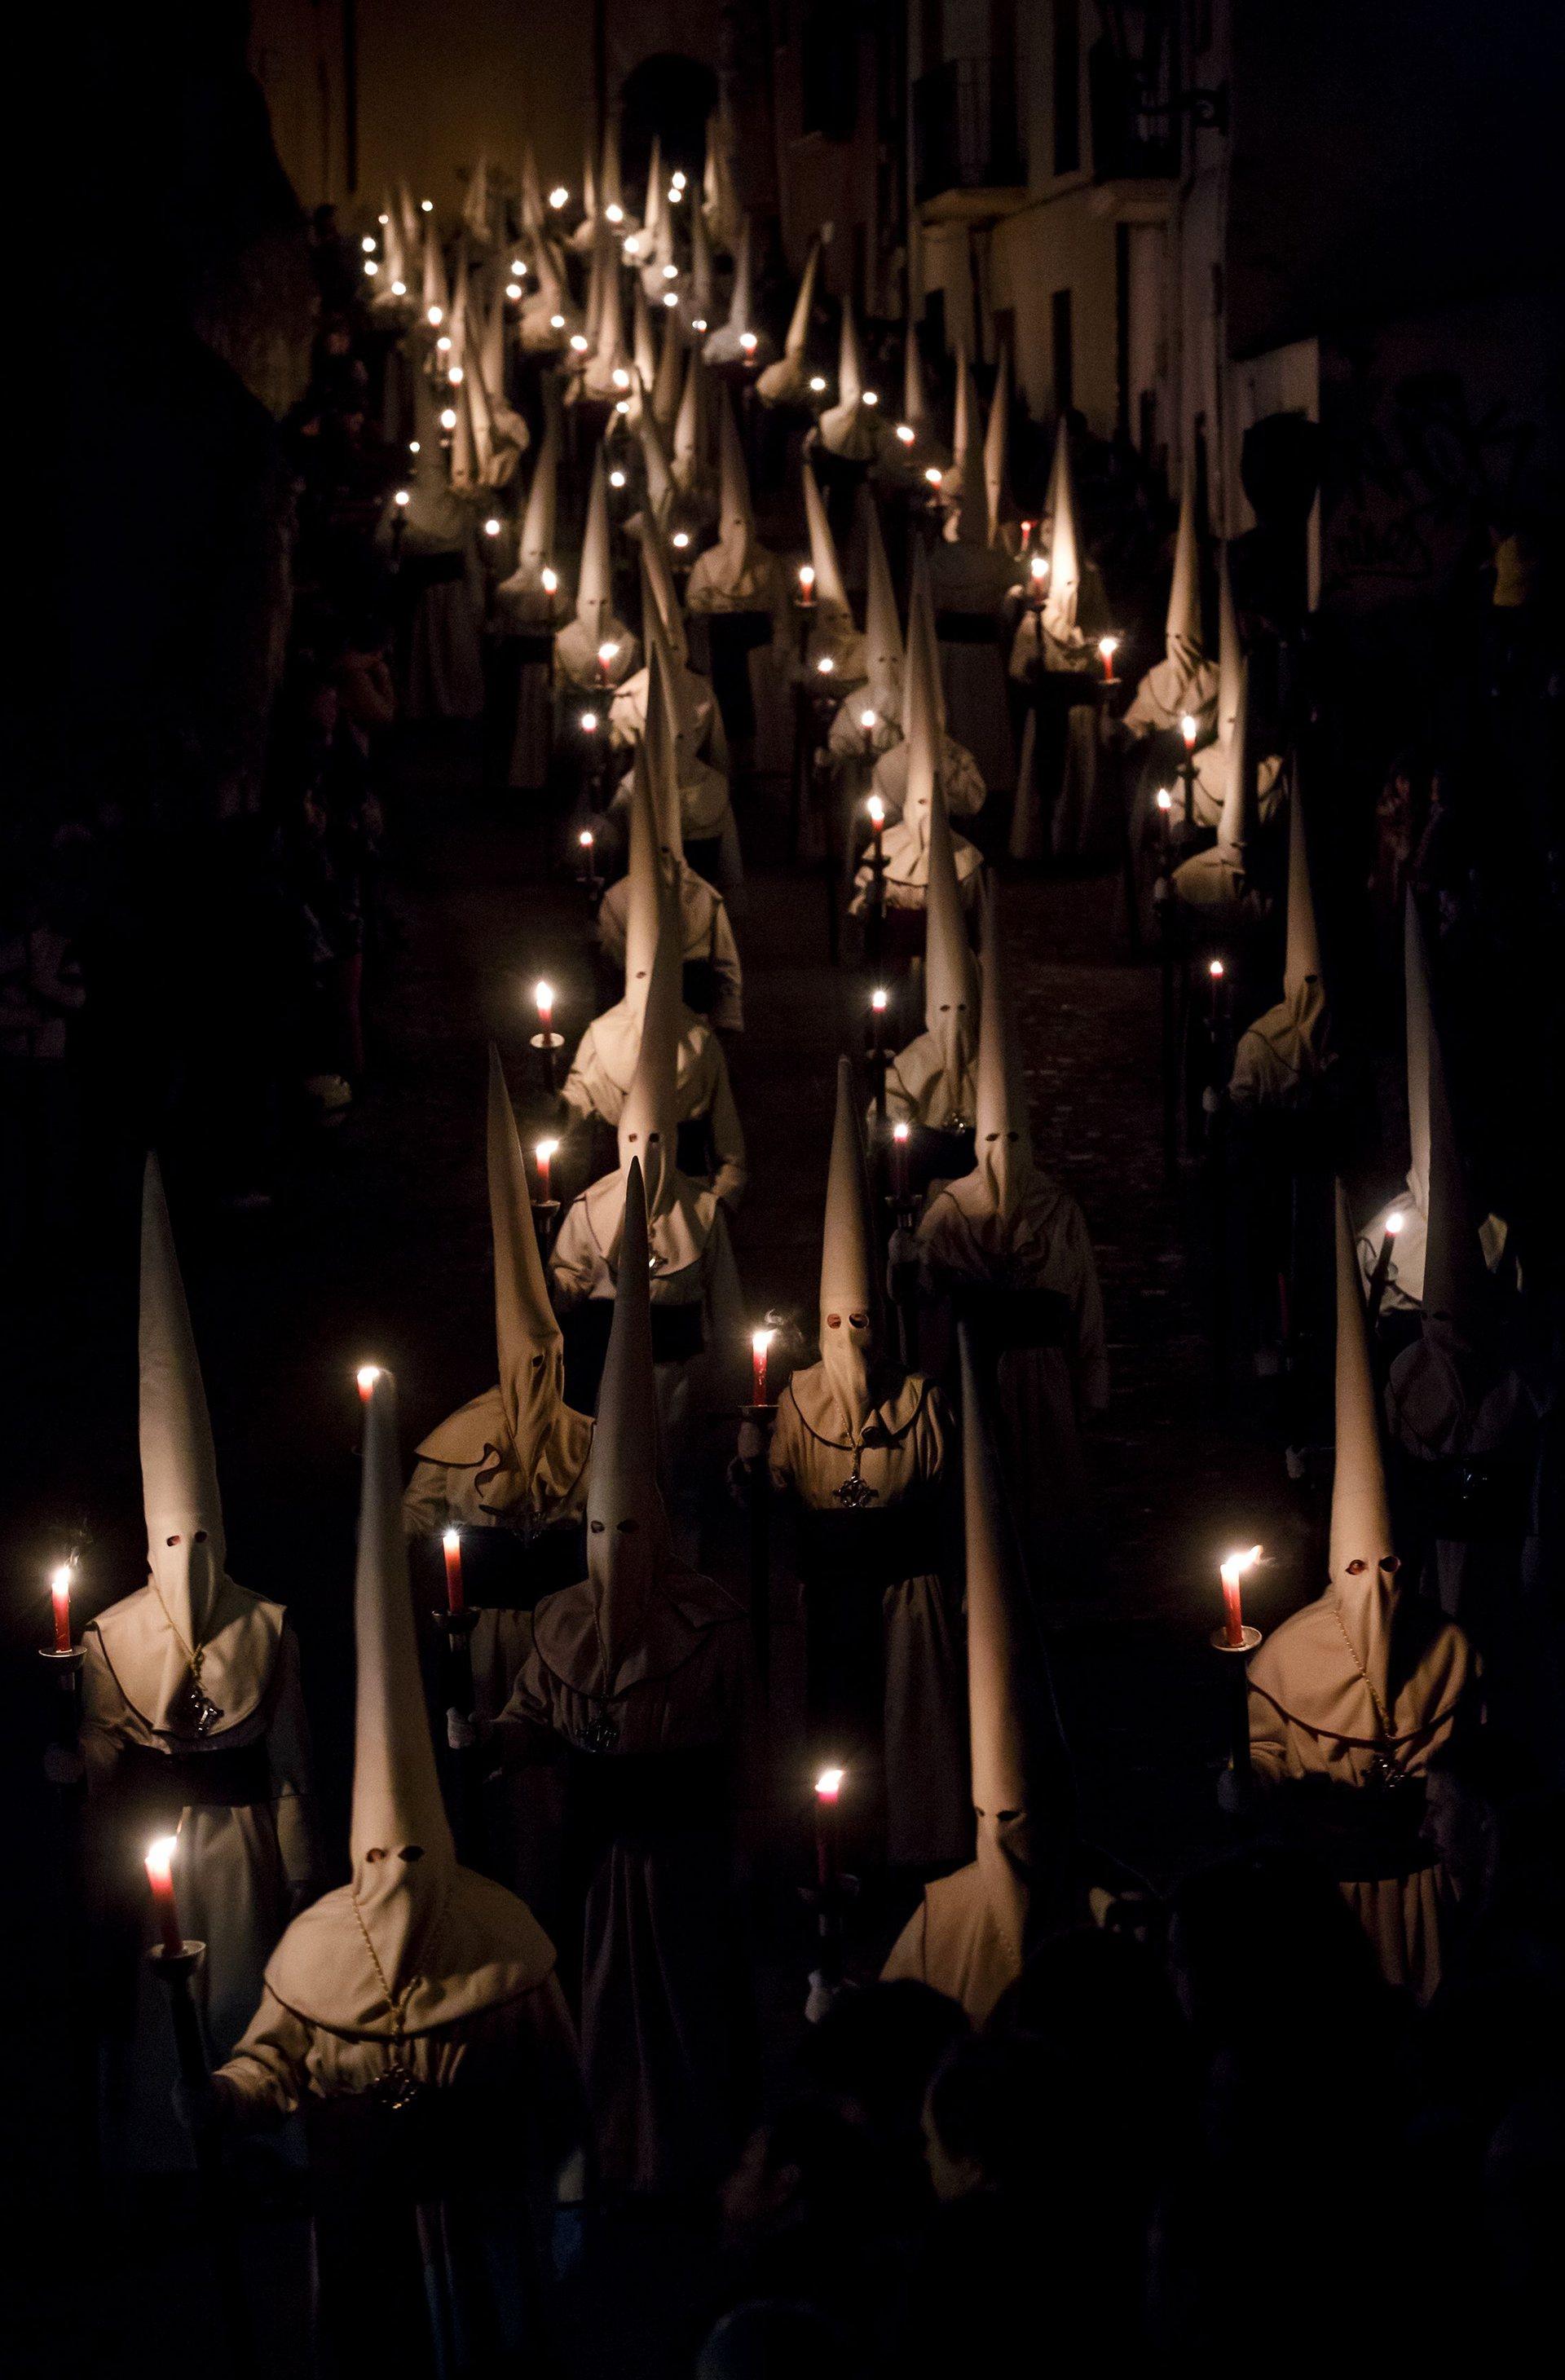 Замора, Кастилия и Леон Членове на братството Исус Ясенте на шествие със свещи на Велики четвъртък Снимка: Cesar Manso / AFP / Getty Images